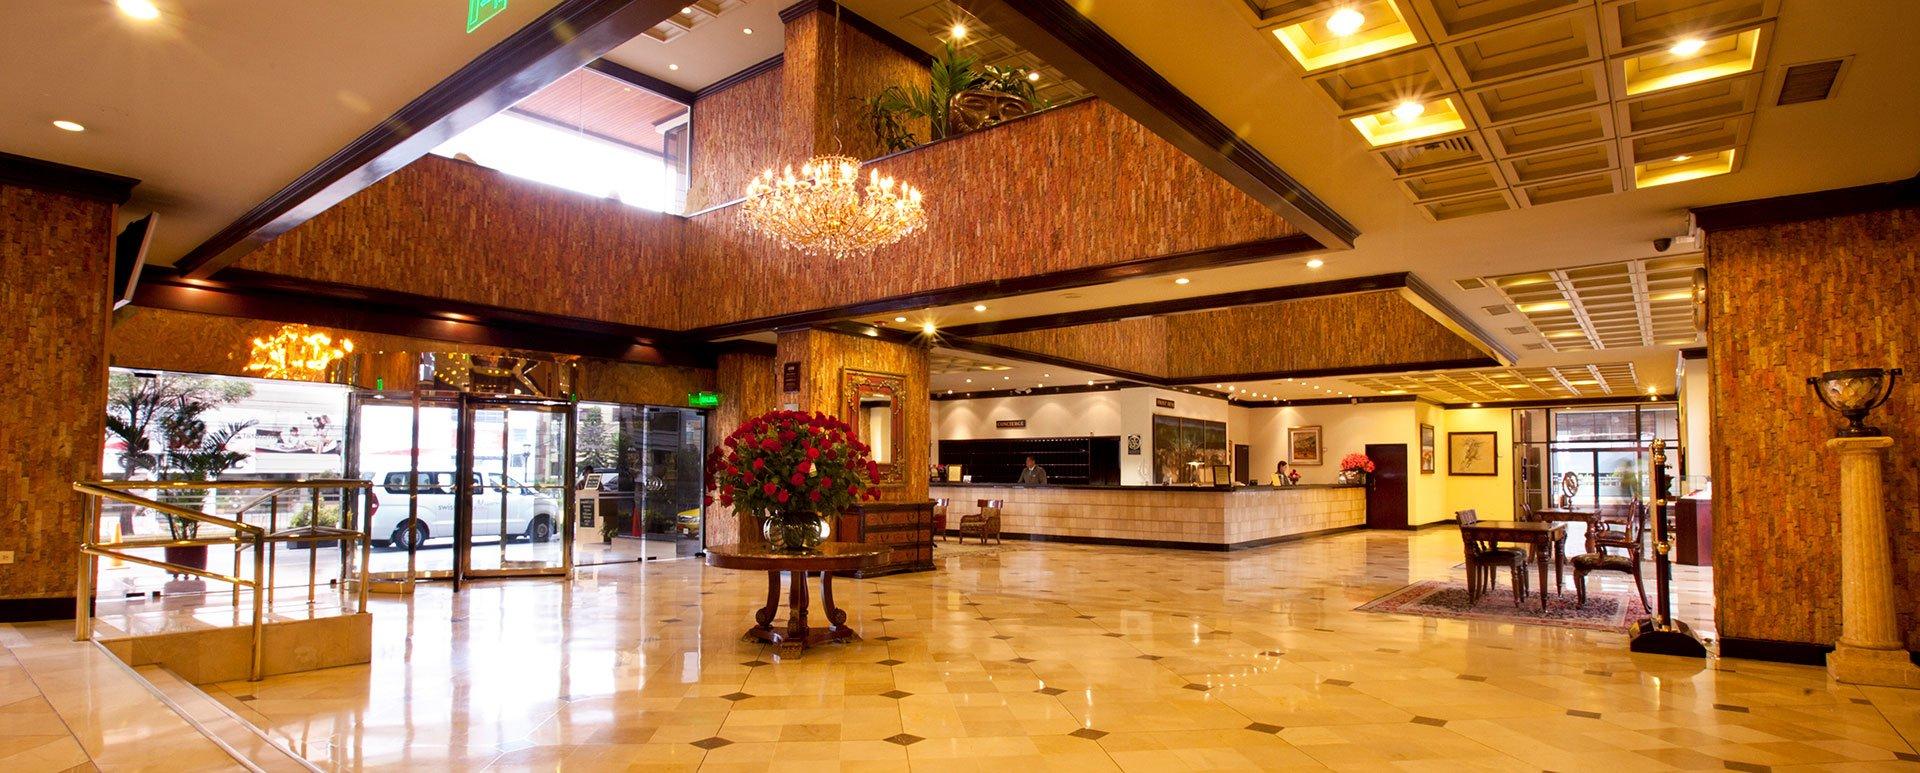 Swissotel lobby